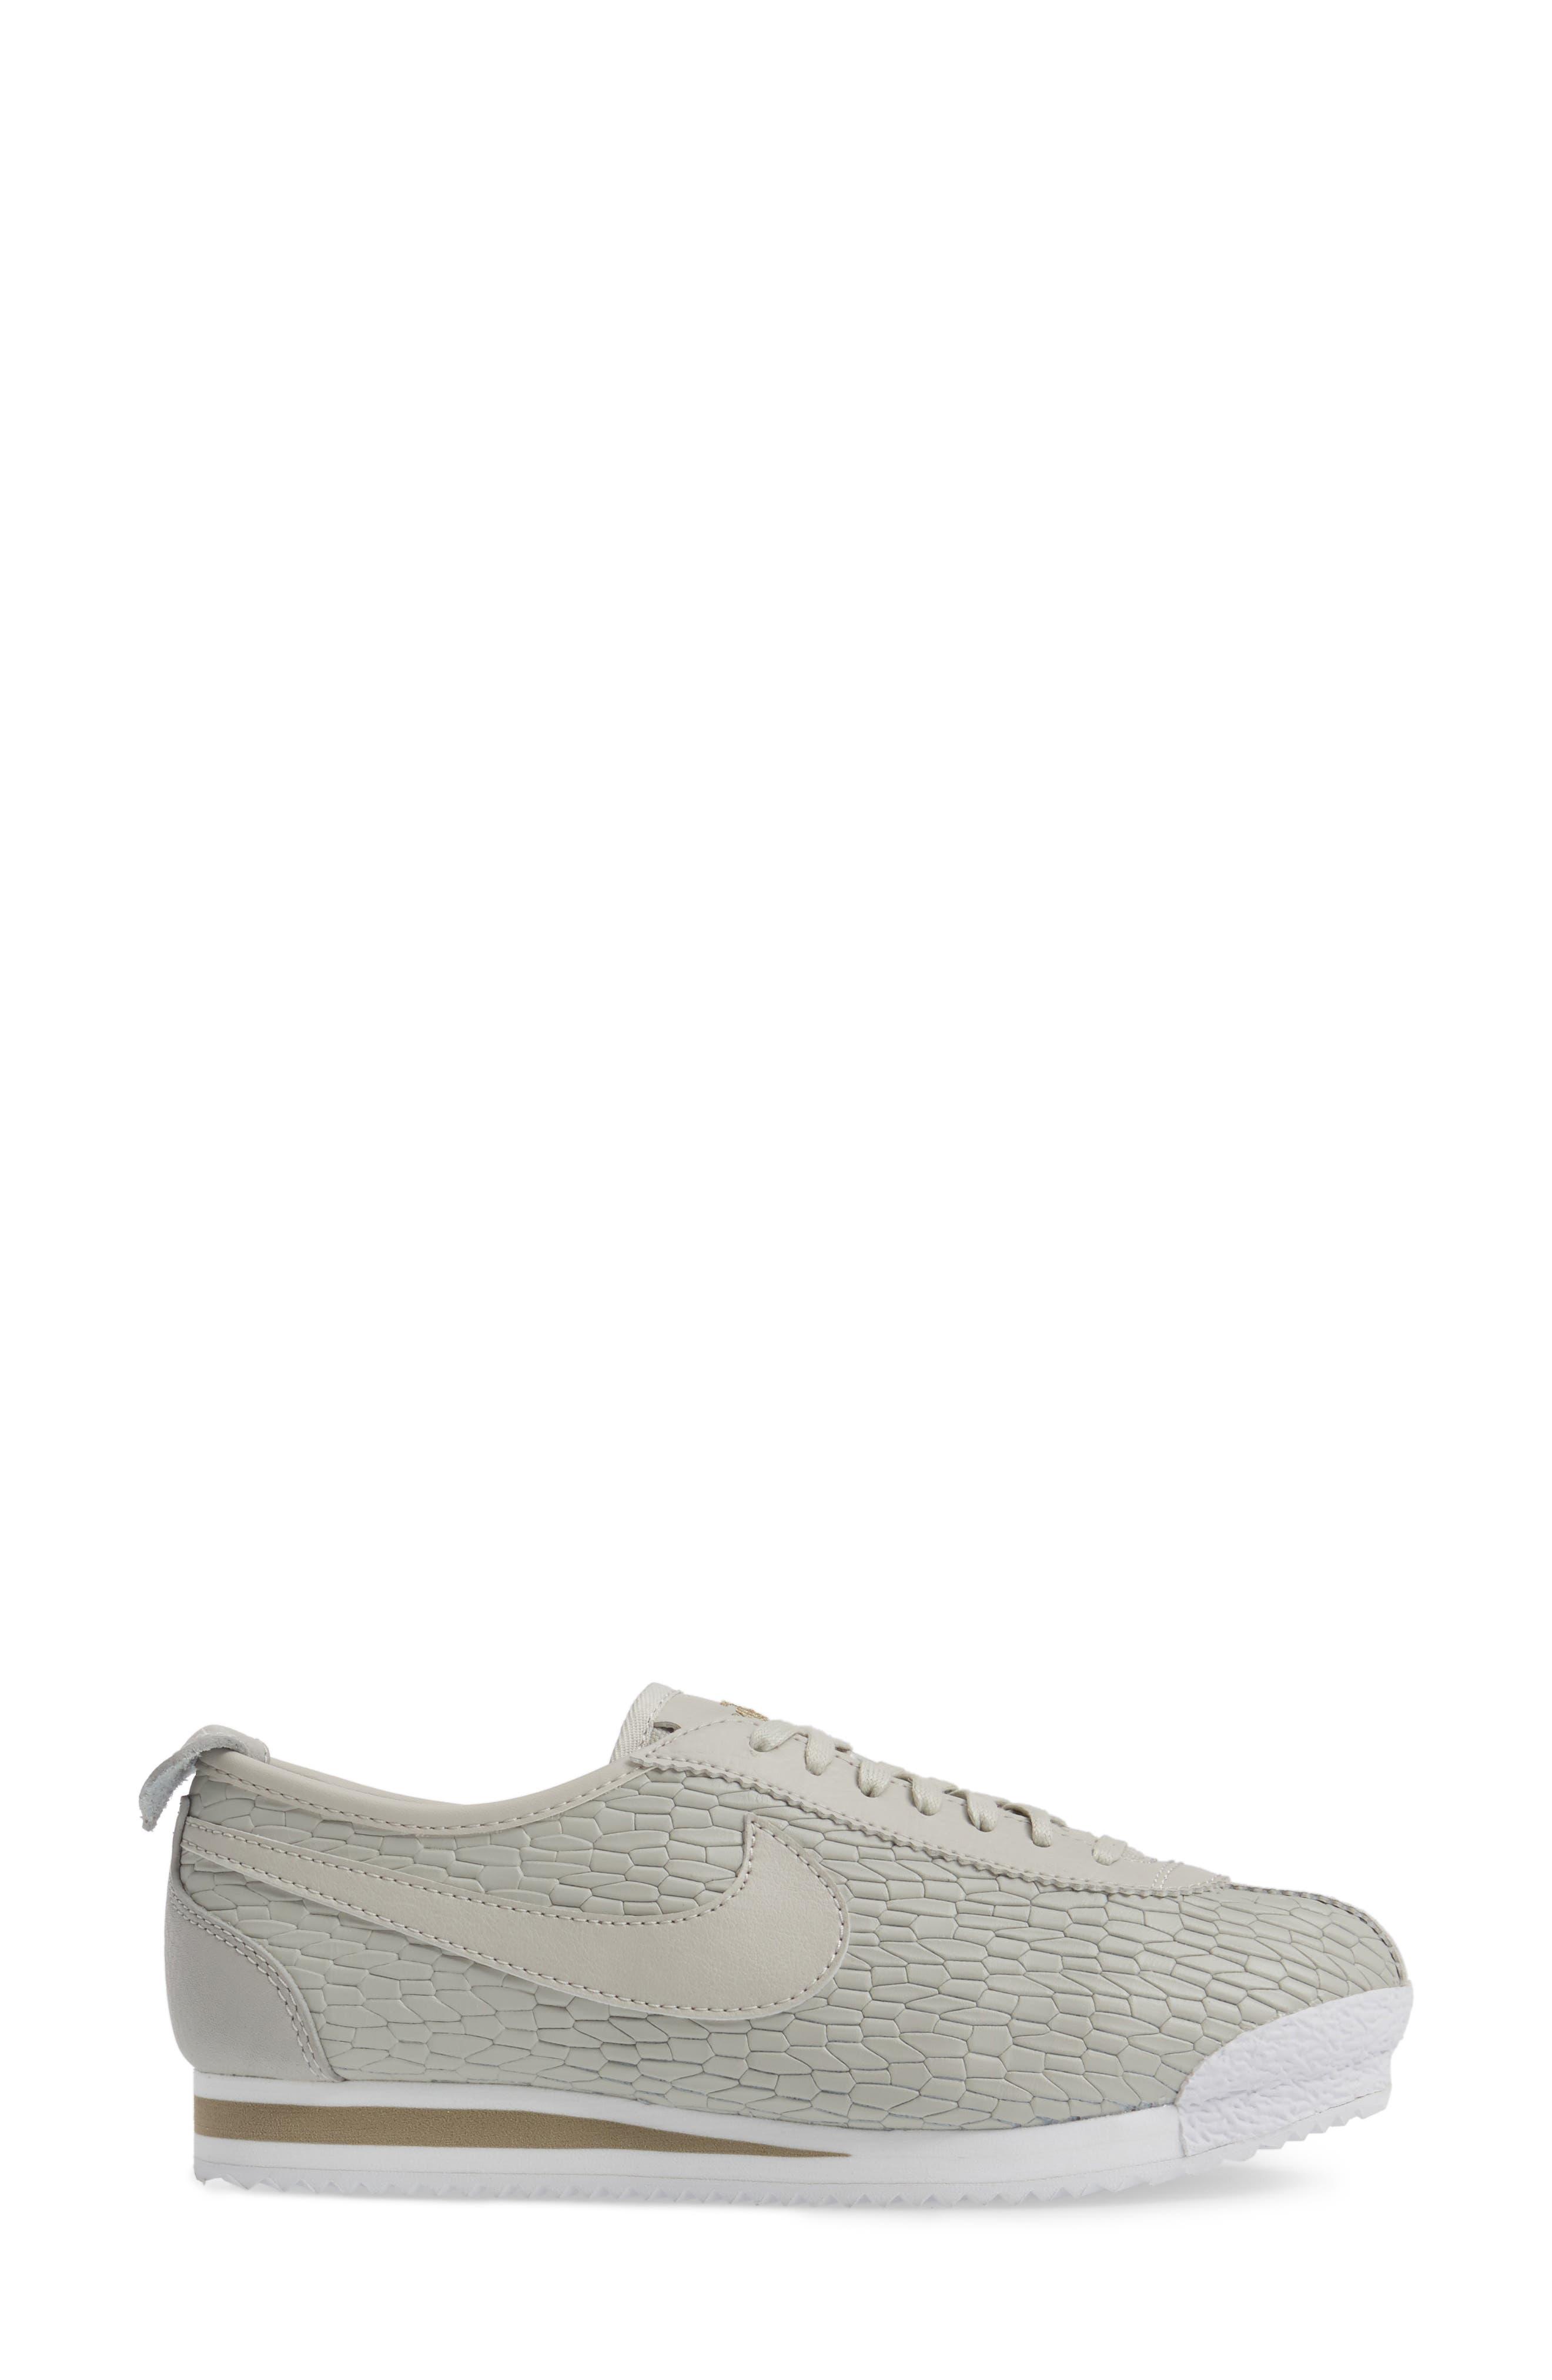 Cortez '72 Sneaker,                             Alternate thumbnail 12, color,